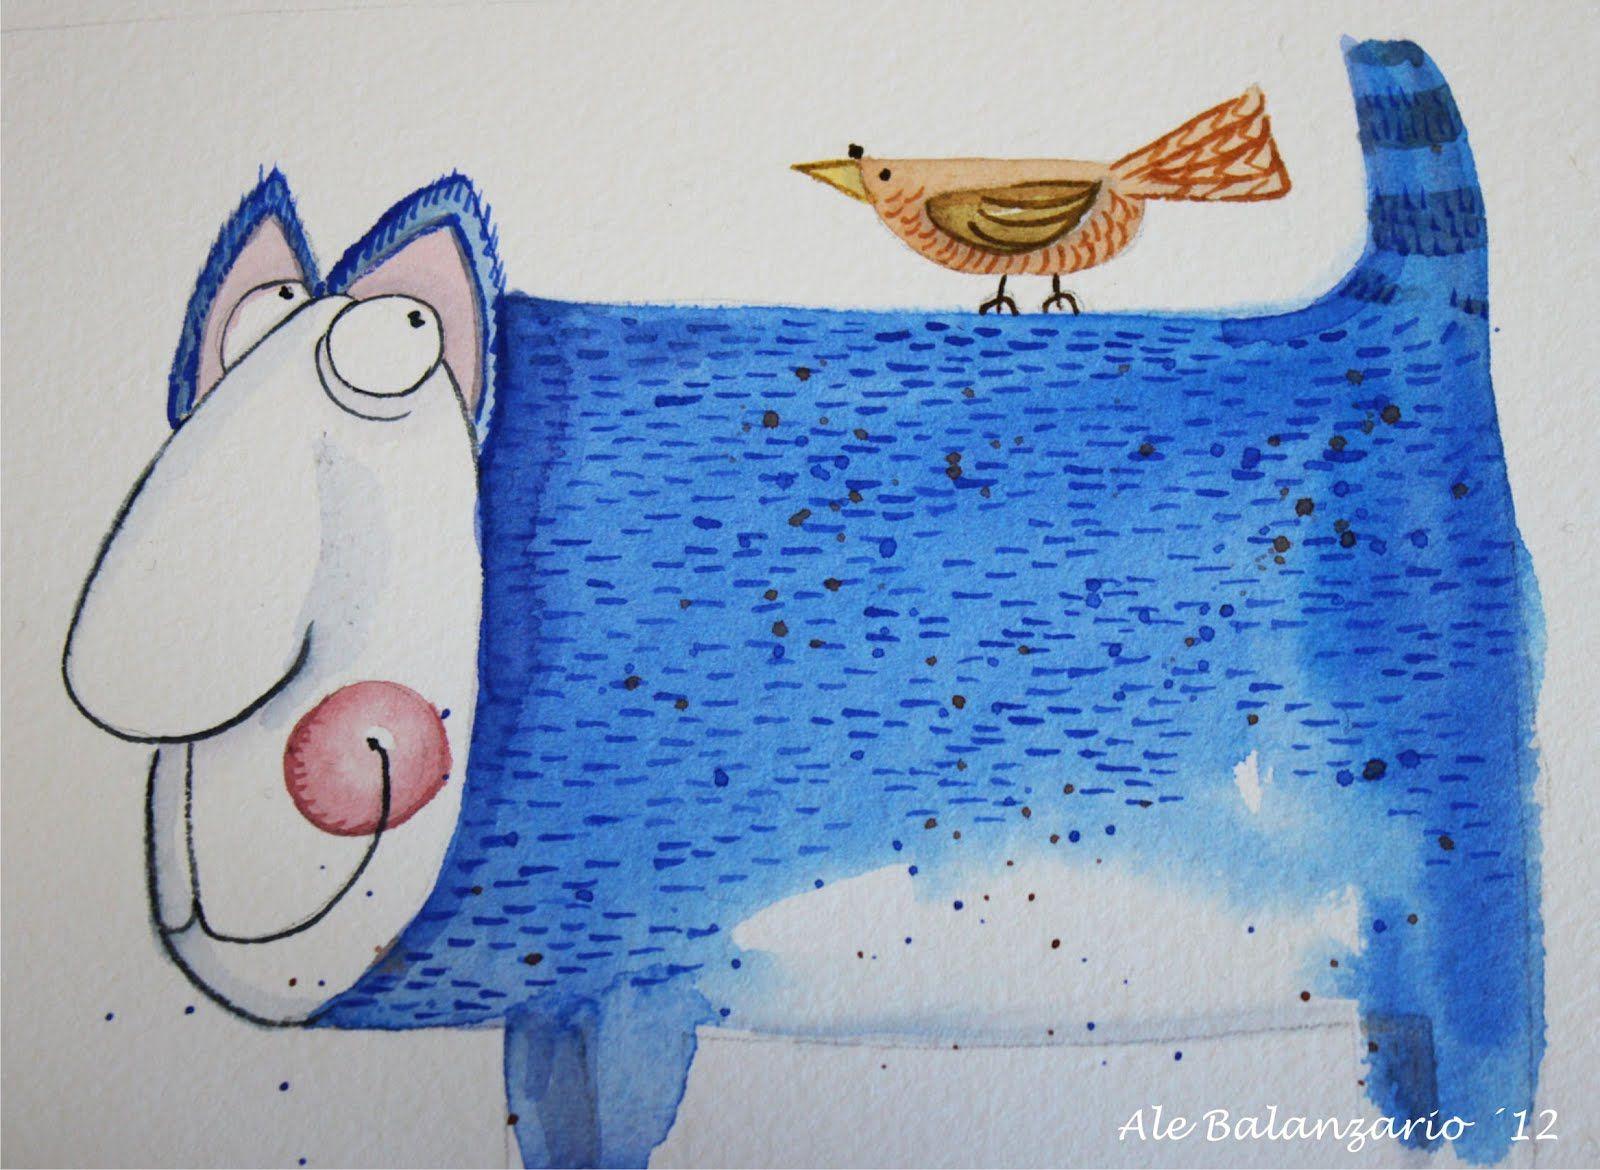 ilustración de Ale Balanzario